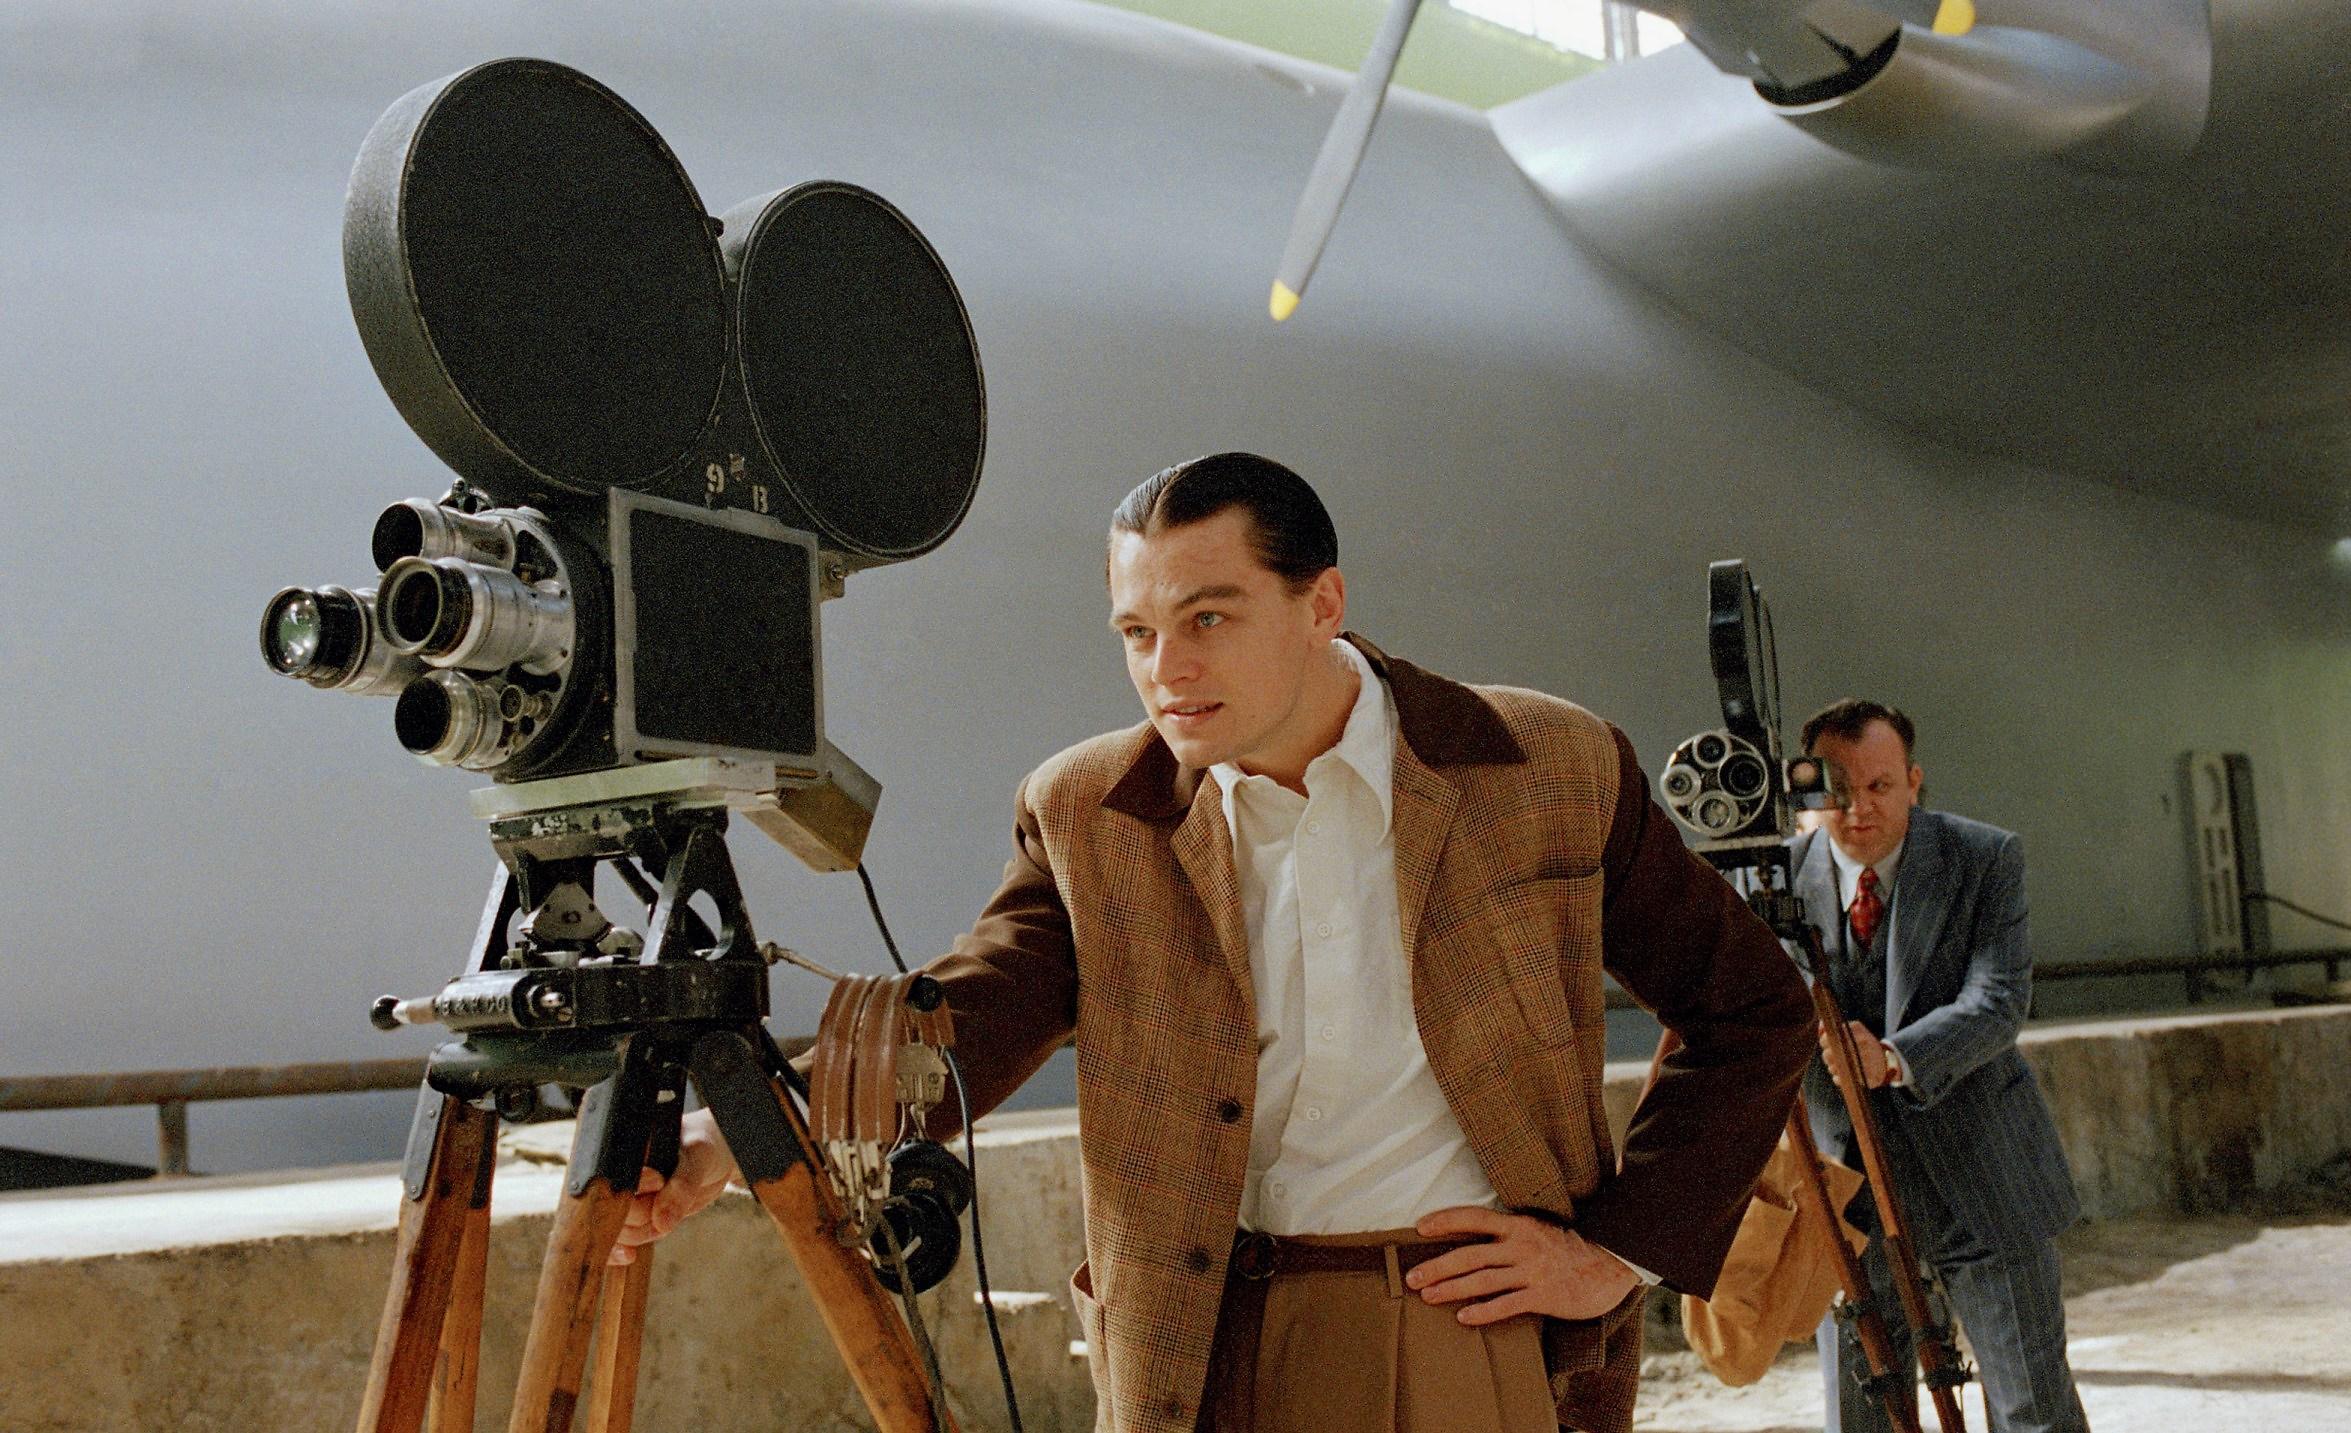 Resultado de imagem para the aviator movie